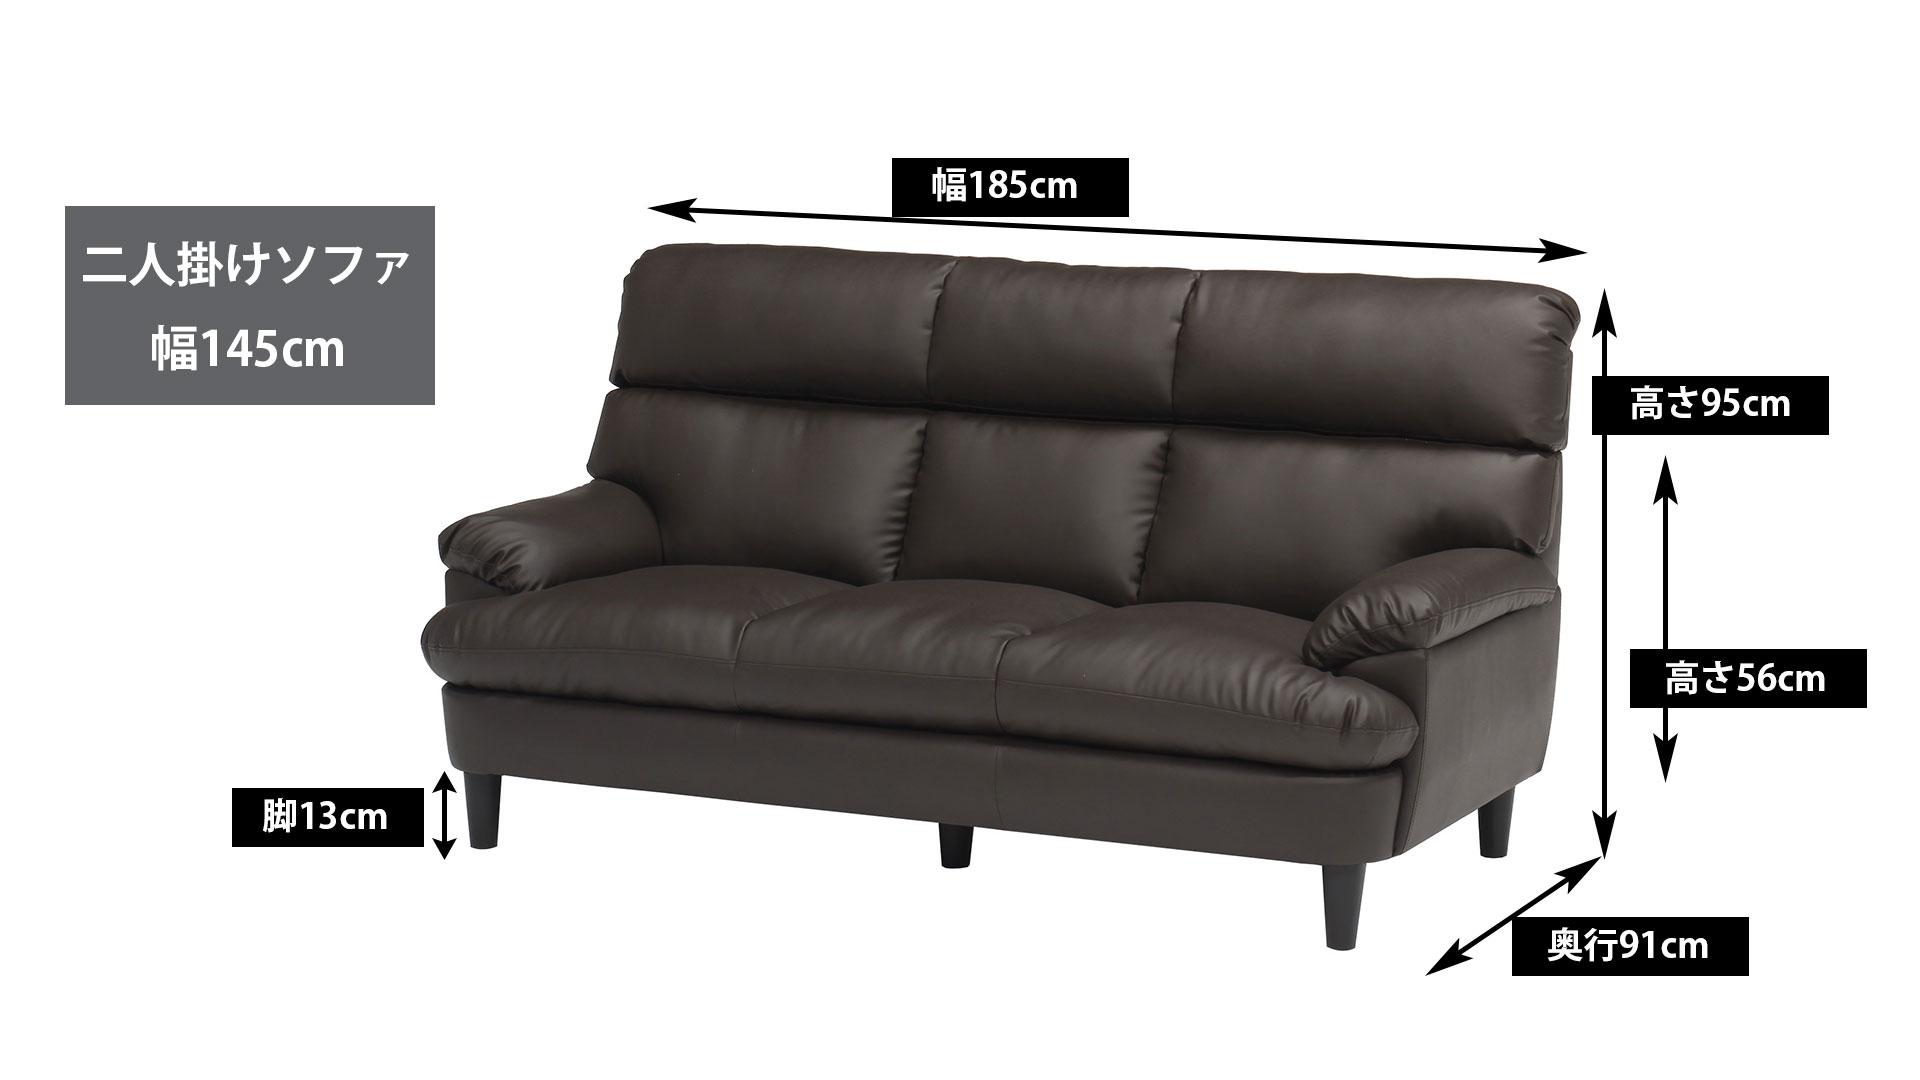 リビンズのソファ「アフタヌン」のサイズの画像